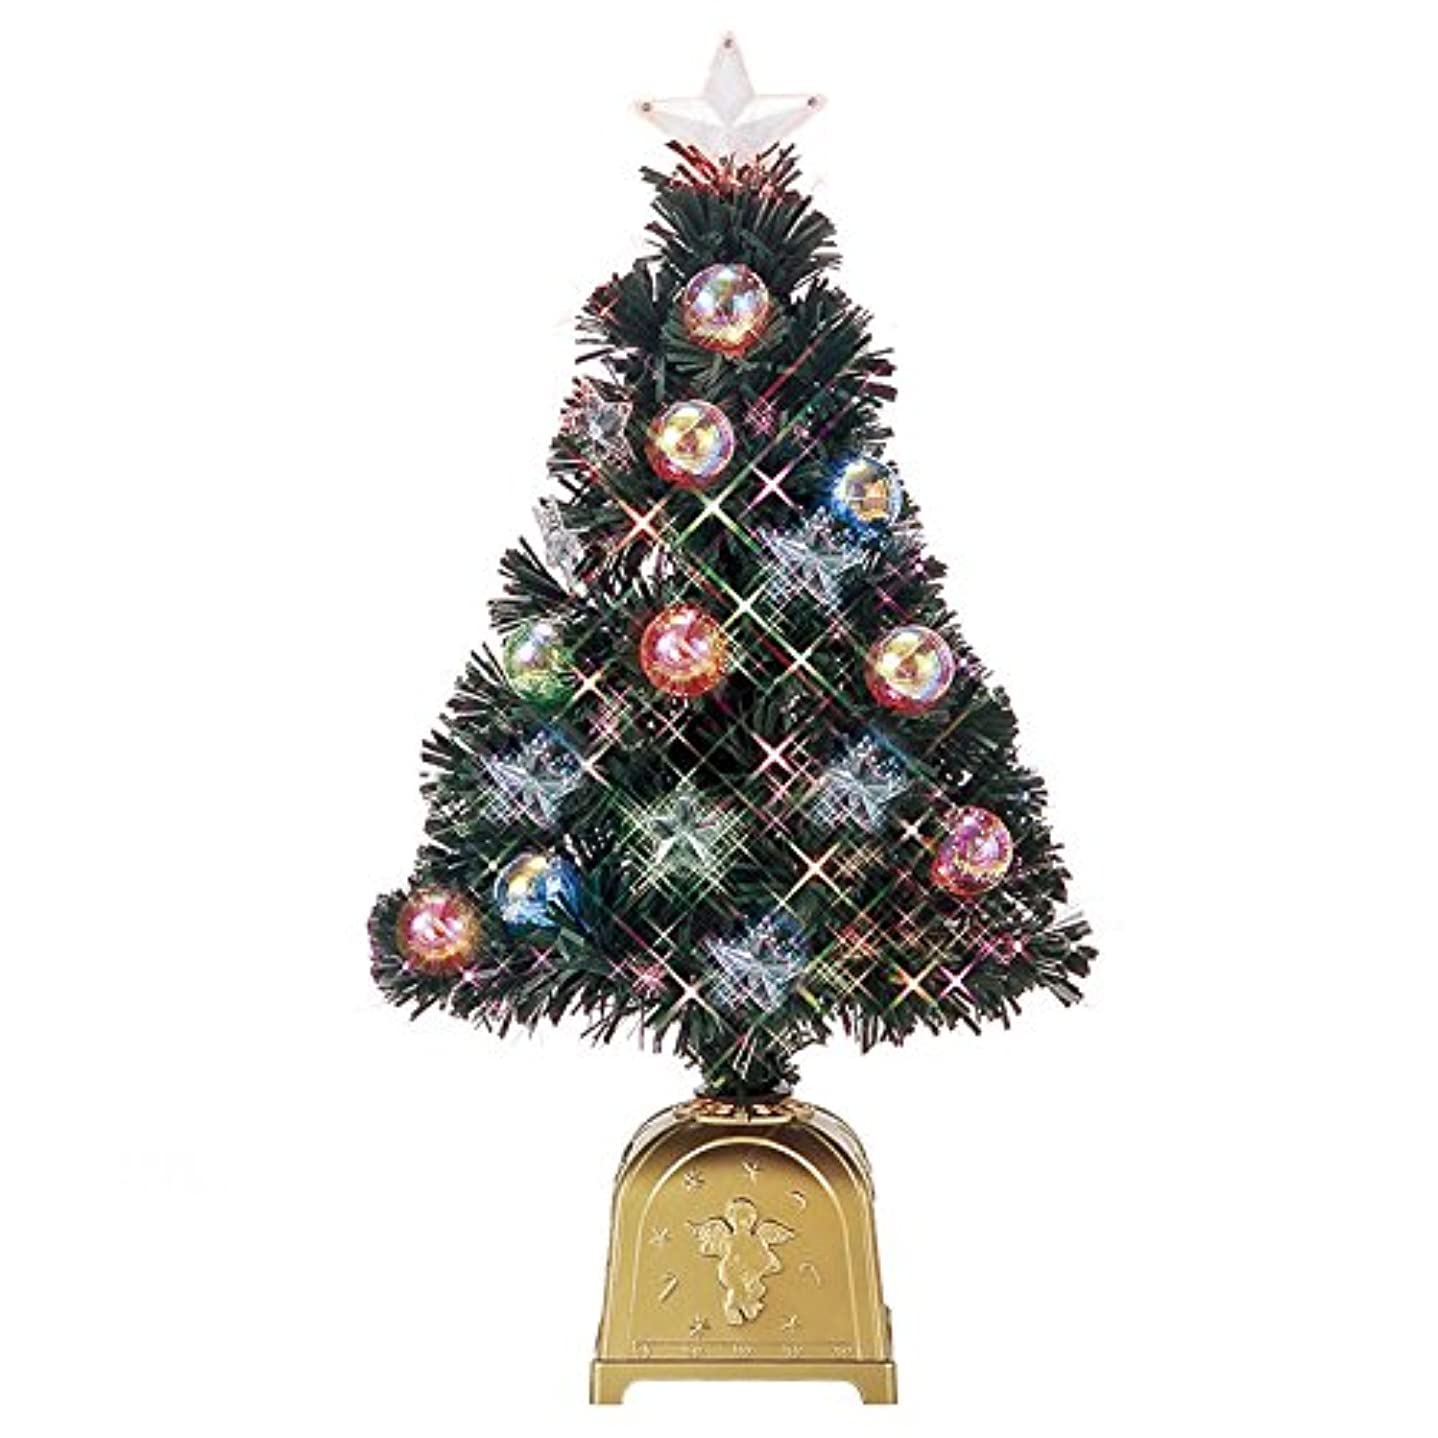 実行可能不完全候補者フローレックス(FLOREX) クリスマスツリー ニューファンタジーボール スターグリーンファイバーツリー 高さ60cm FX-5251